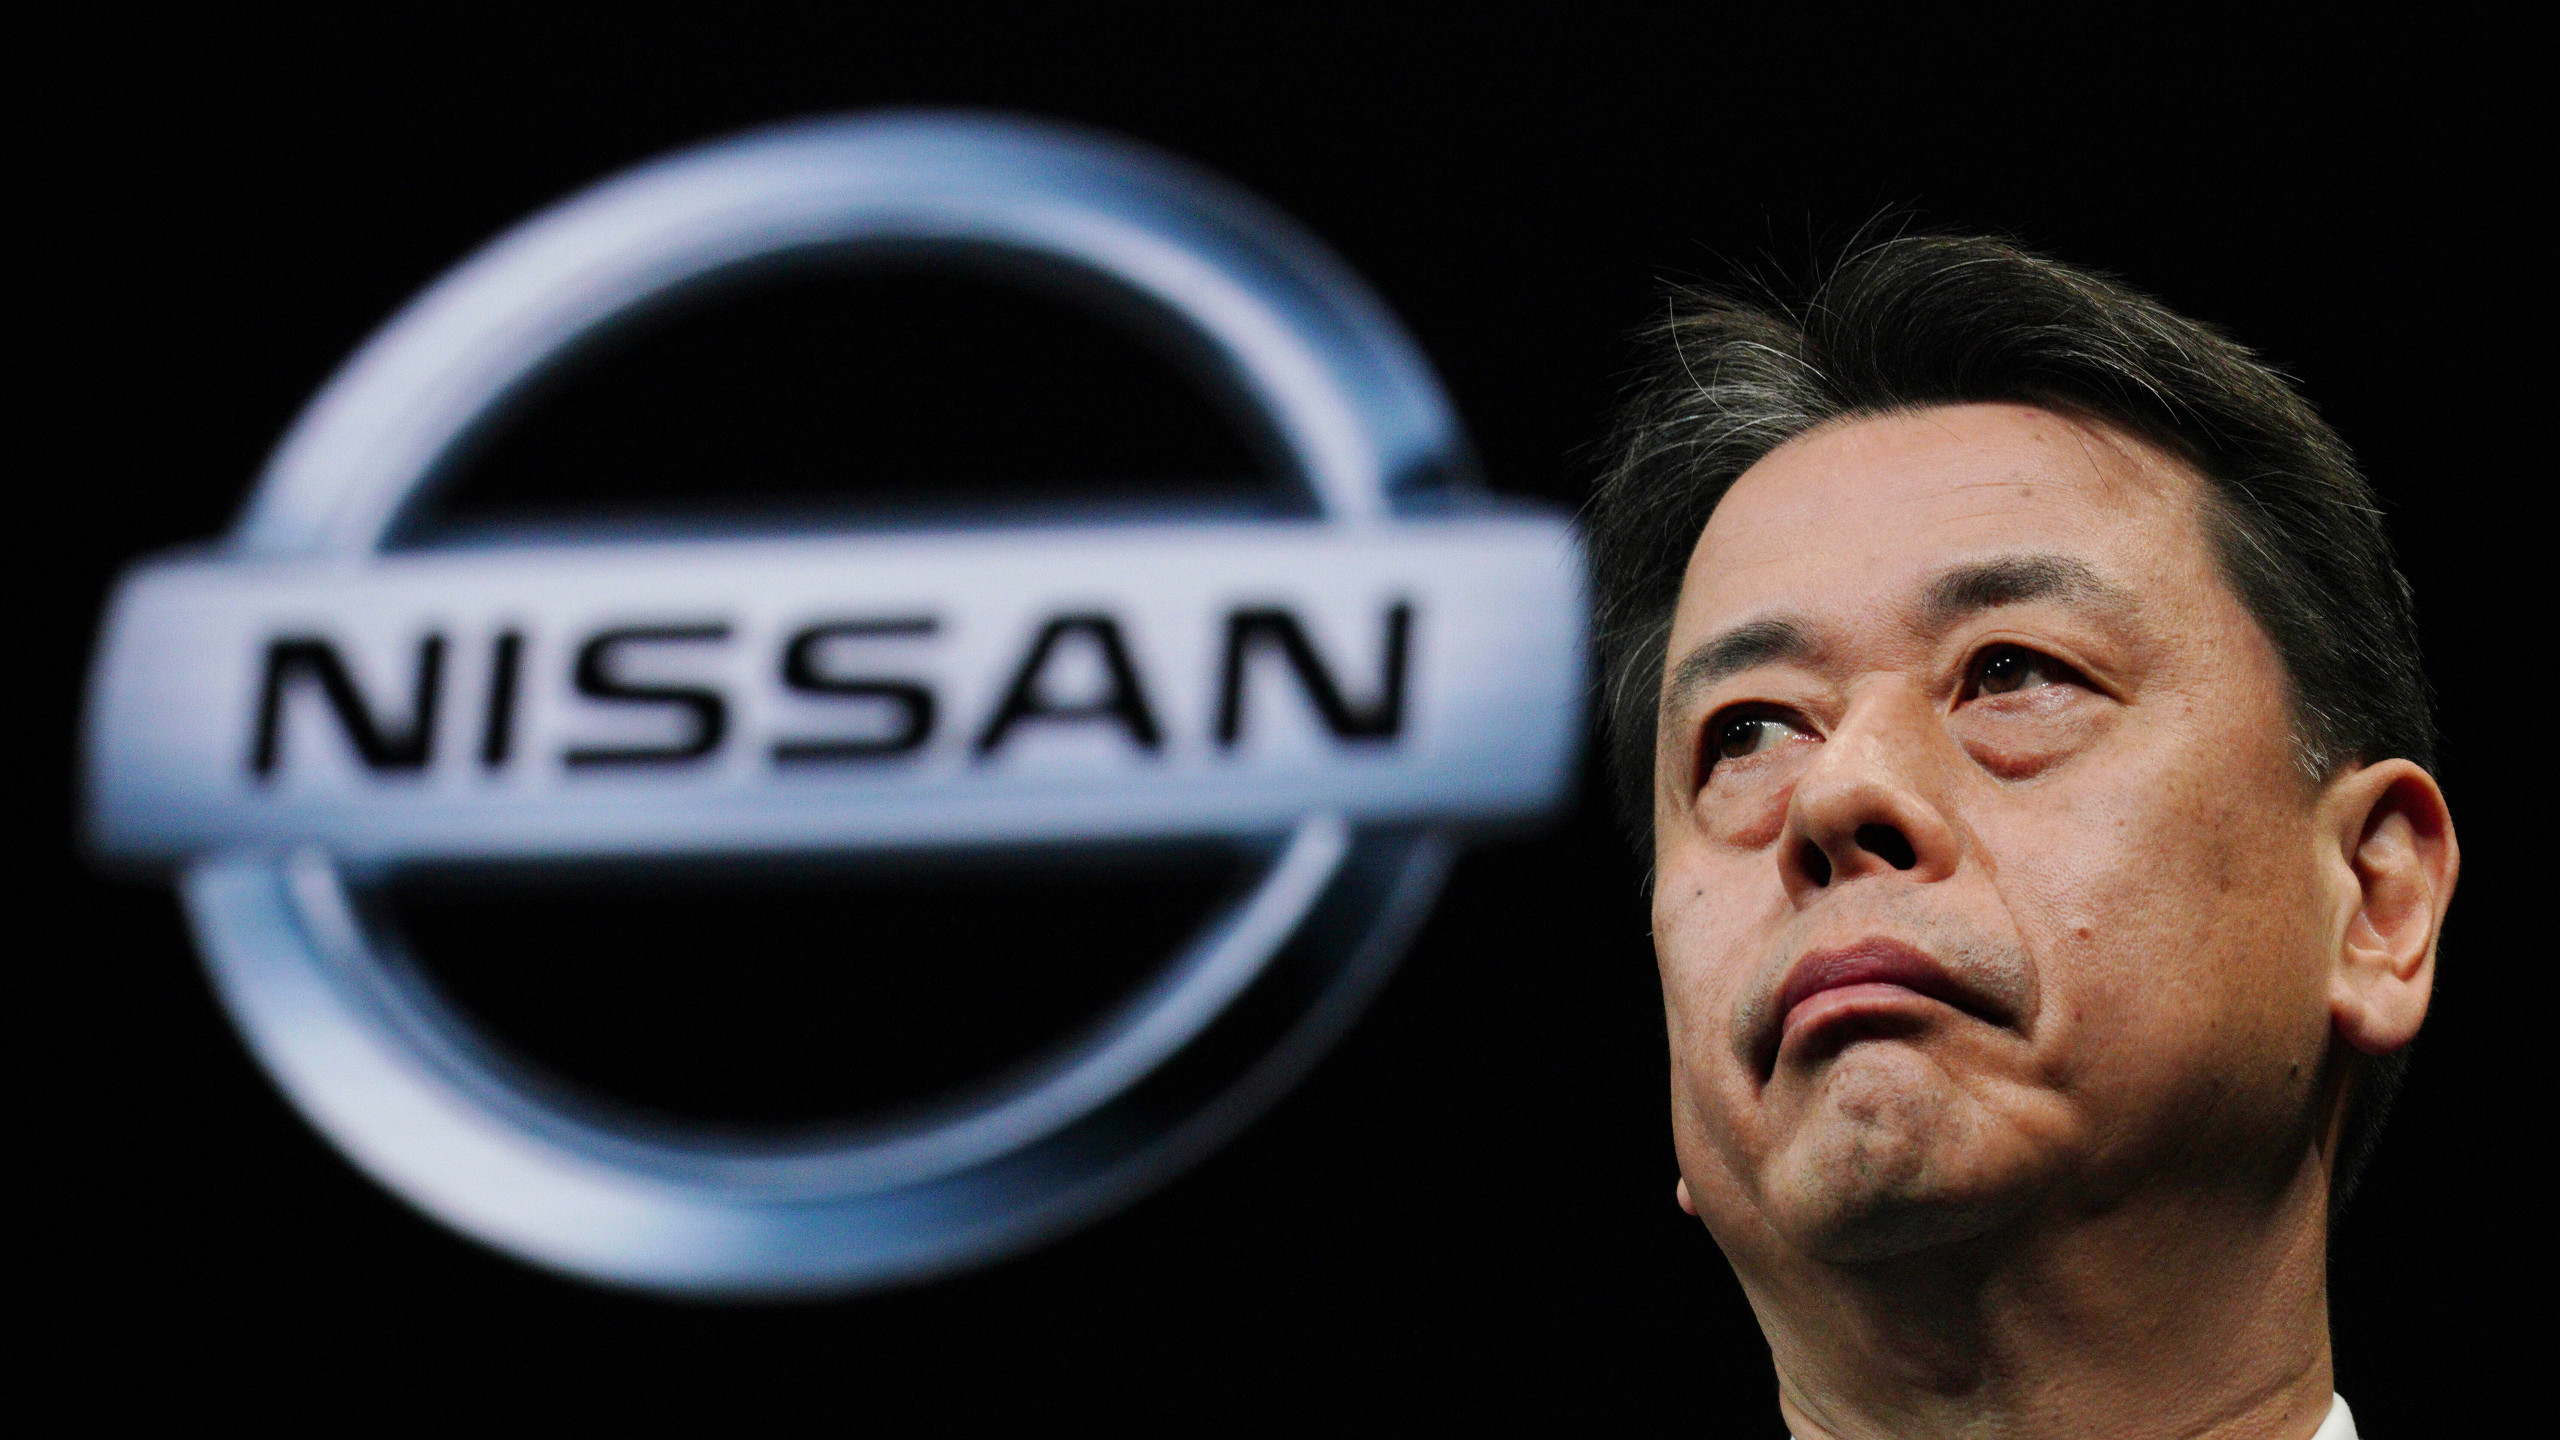 """Novi šef Nissana nije """"zagrejan"""" za kapitalne veze s Renaultom"""